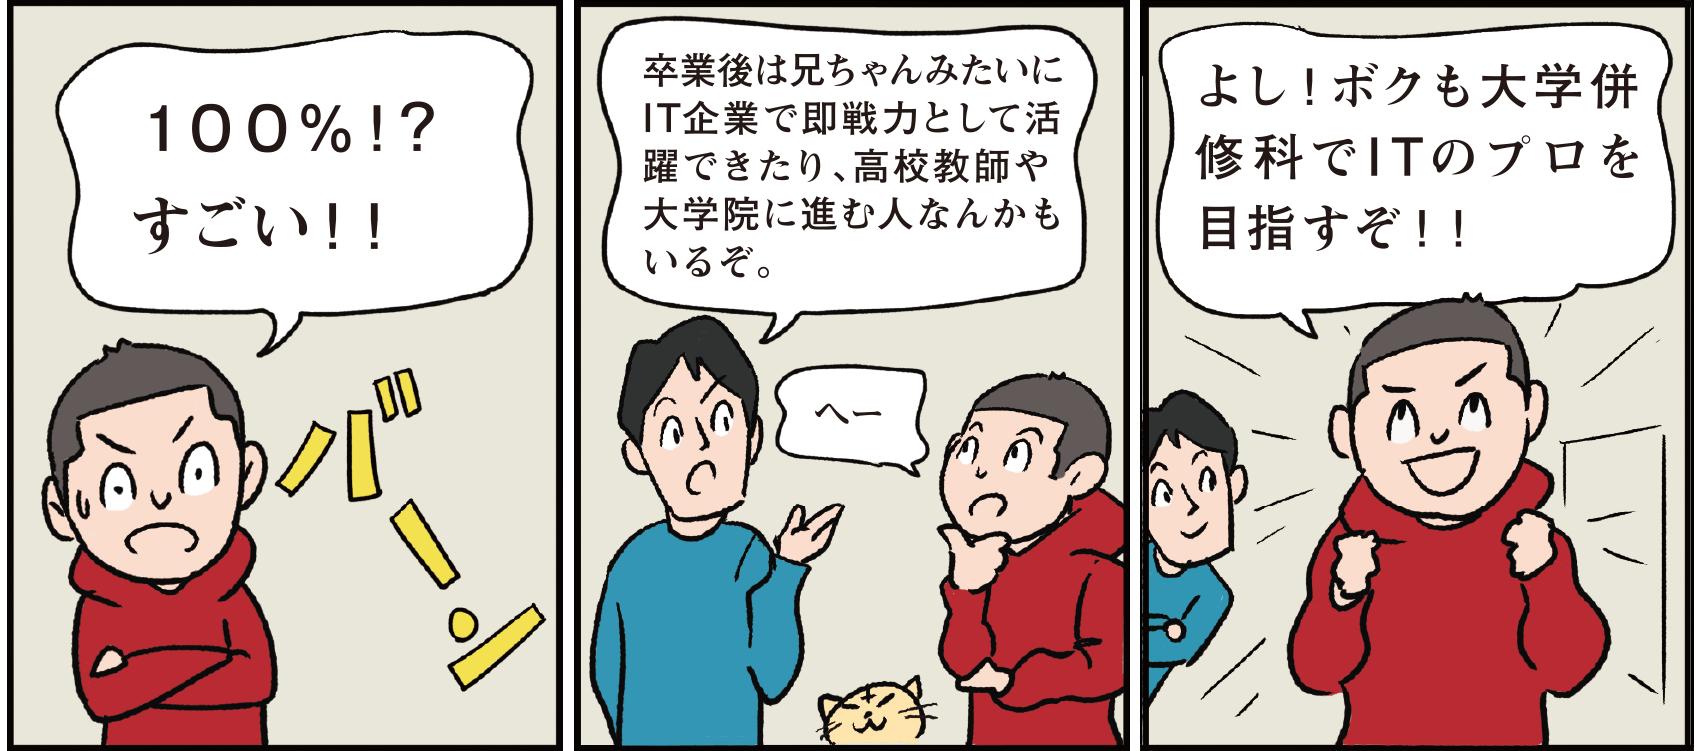 コミック19-21